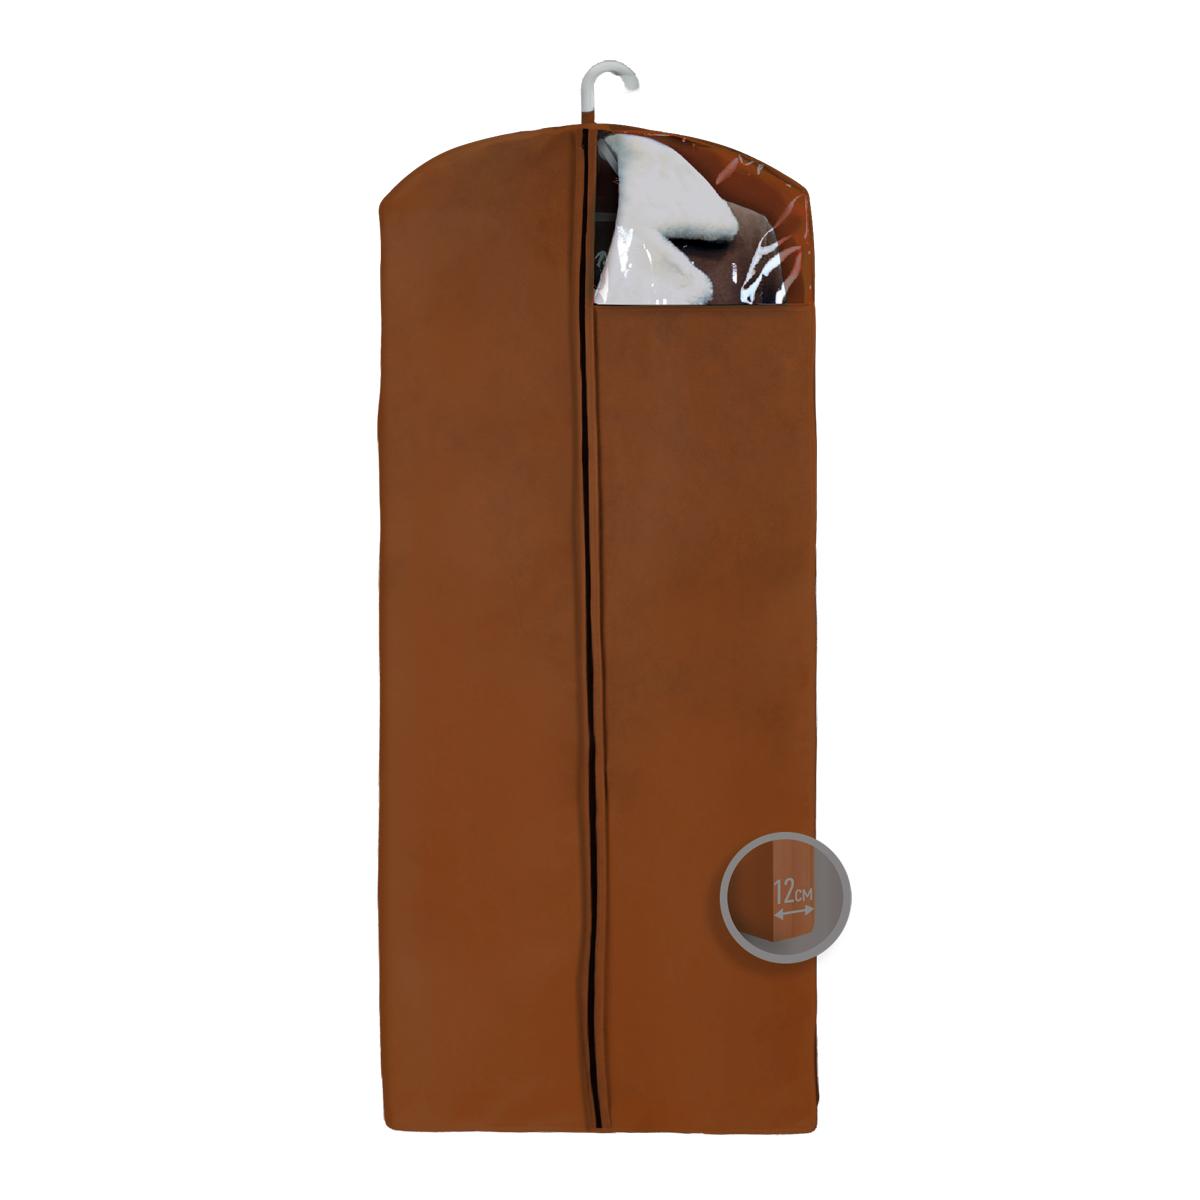 Чехол для верхней одежды Miolla, с окошком, цвет: коричневый, 140 х 60 х 12 смCHL-4-3Чехол для верхней одежды Miolla на застежке-молнии выполнен из высококачественного нетканого материала. Прозрачное полиэтиленовое окошко позволяет видеть содержимое чехла. Подходит для длительного хранения вещей. Чехол обеспечивает вашей одежде надежную защиту от влажности, повреждений и грязи при транспортировке, от запыления при хранении и проникновения моли. Чехол обладает водоотталкивающими свойствами, а также позволяет воздуху свободно поступать внутрь вещей, обеспечивая их кондиционирование. Это особенно важно при хранении кожаных и меховых изделий. Размер чехла: 140 х 60 х 12 см.